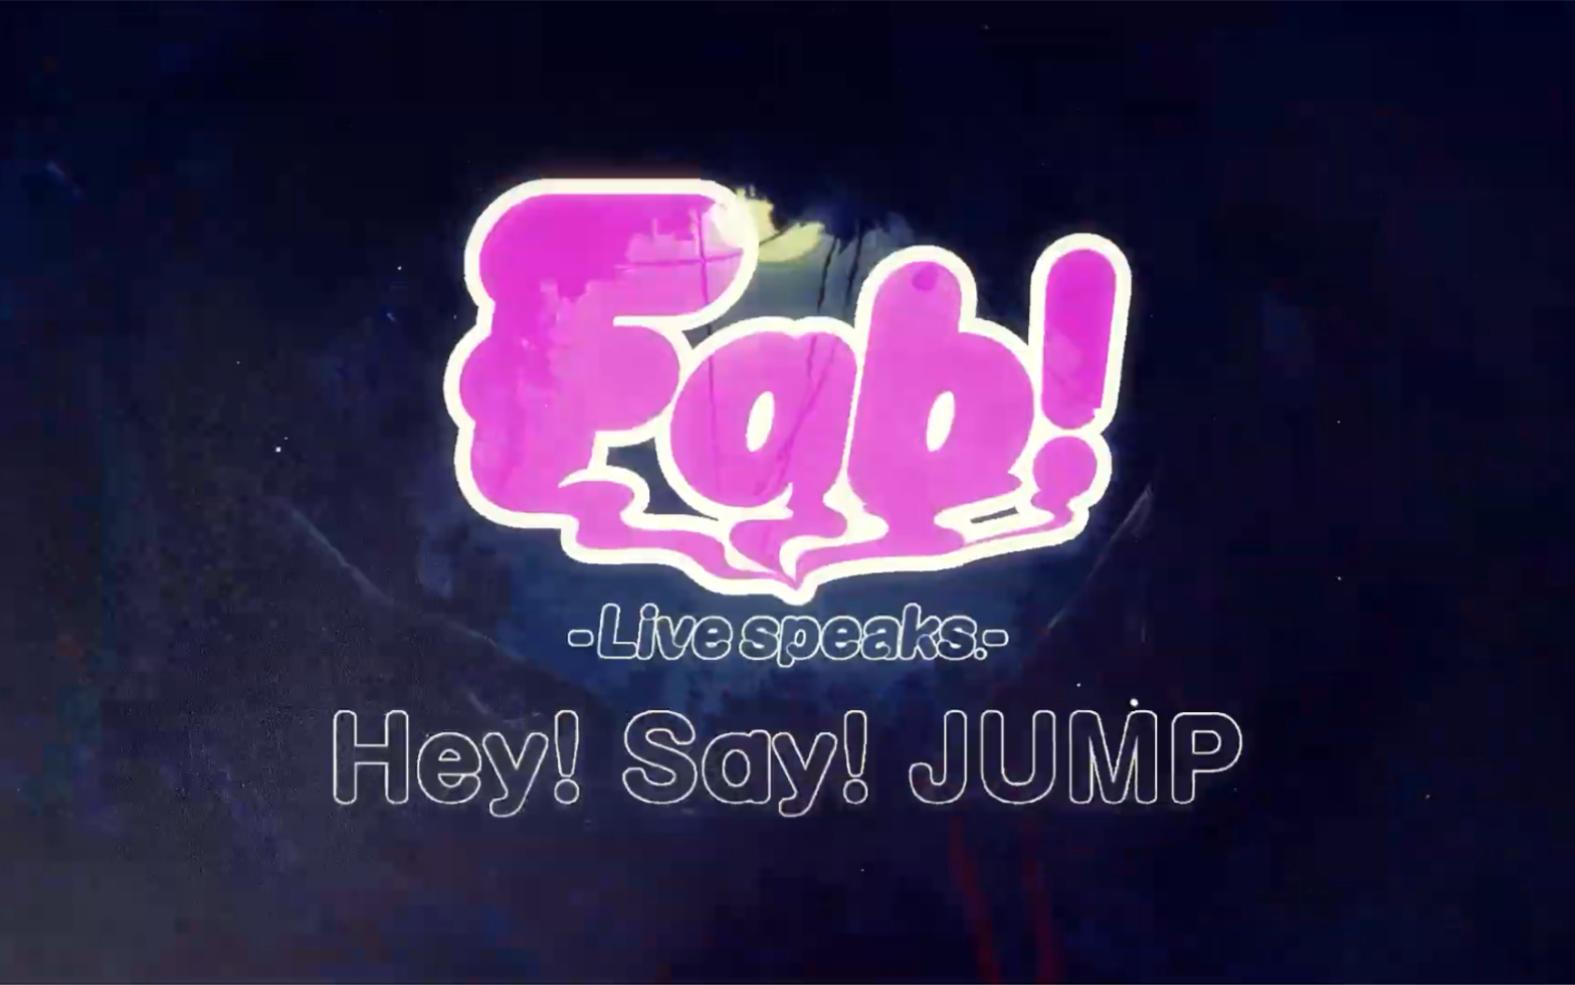 生 配信 say jump hey